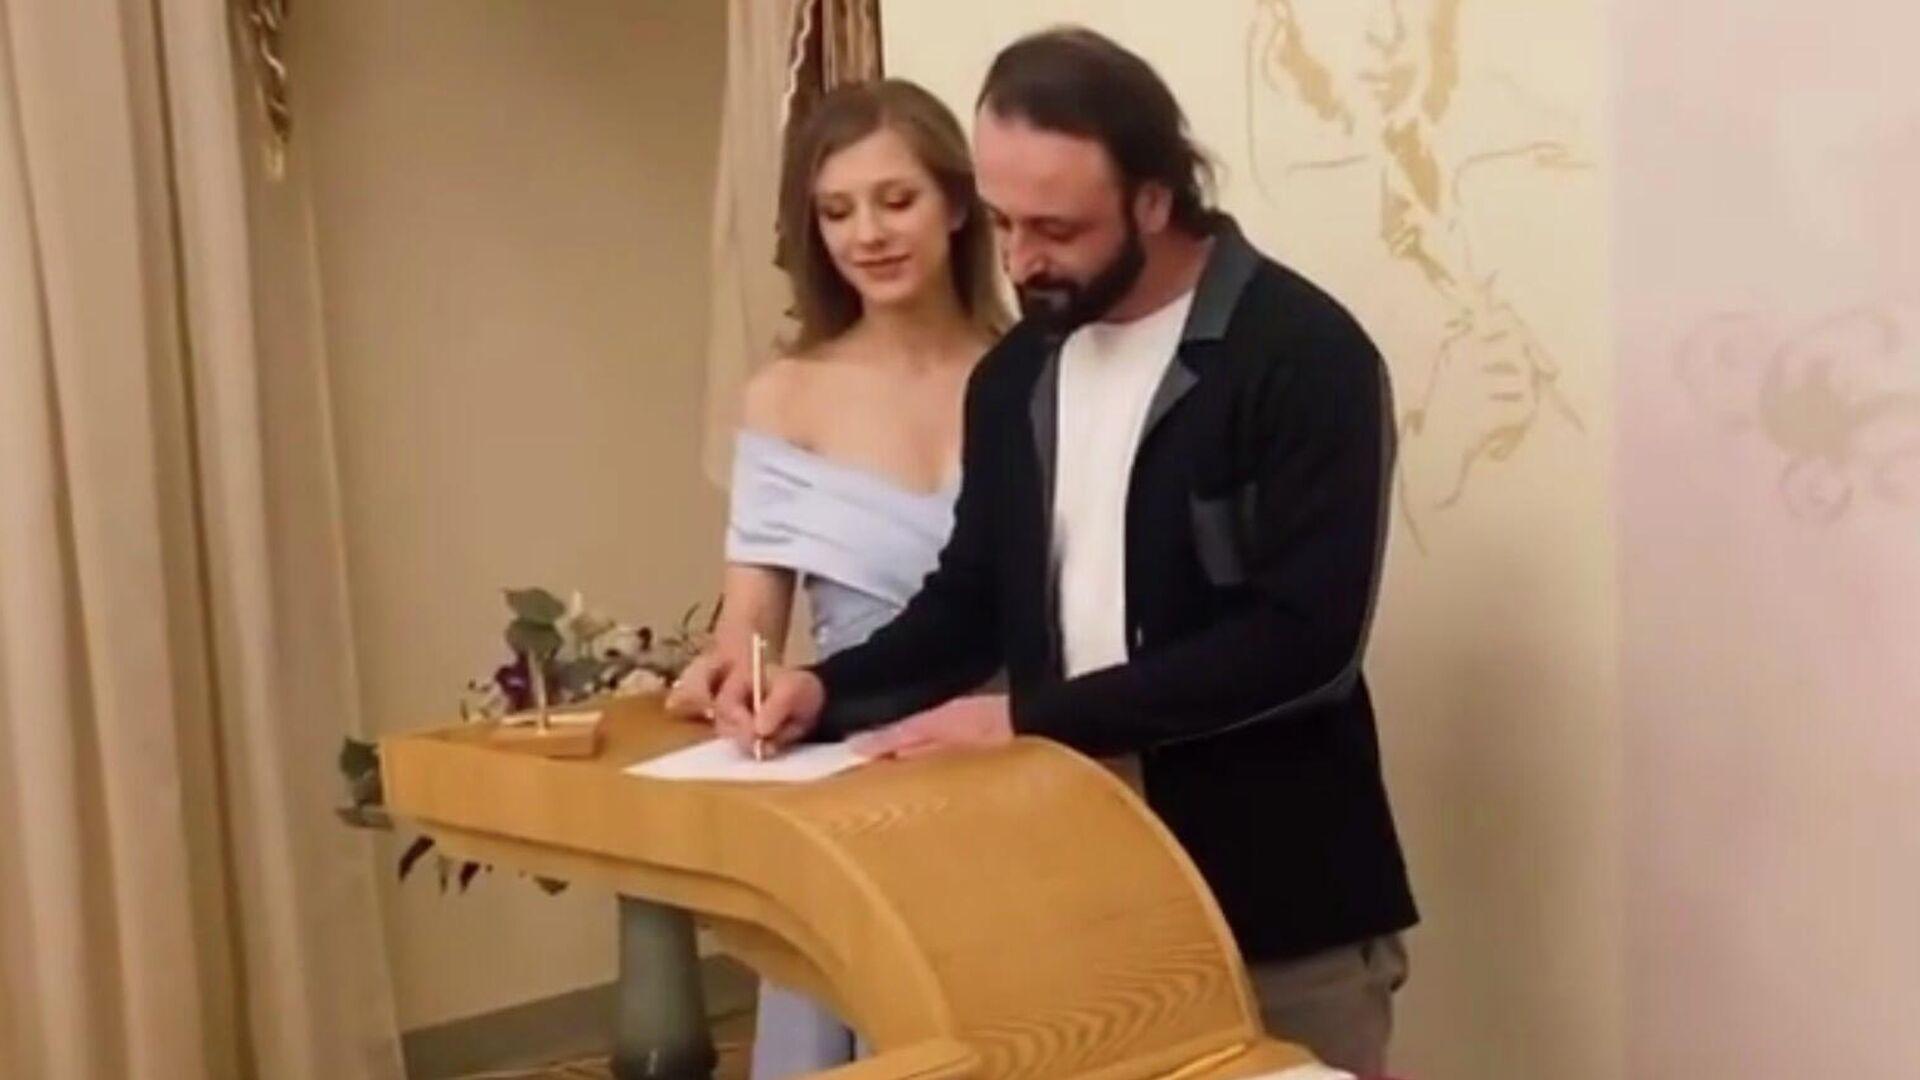 Церемония бракосочетания Ильи Авербуха и Лизы Арзамасовой - РИА Новости, 1920, 22.12.2020